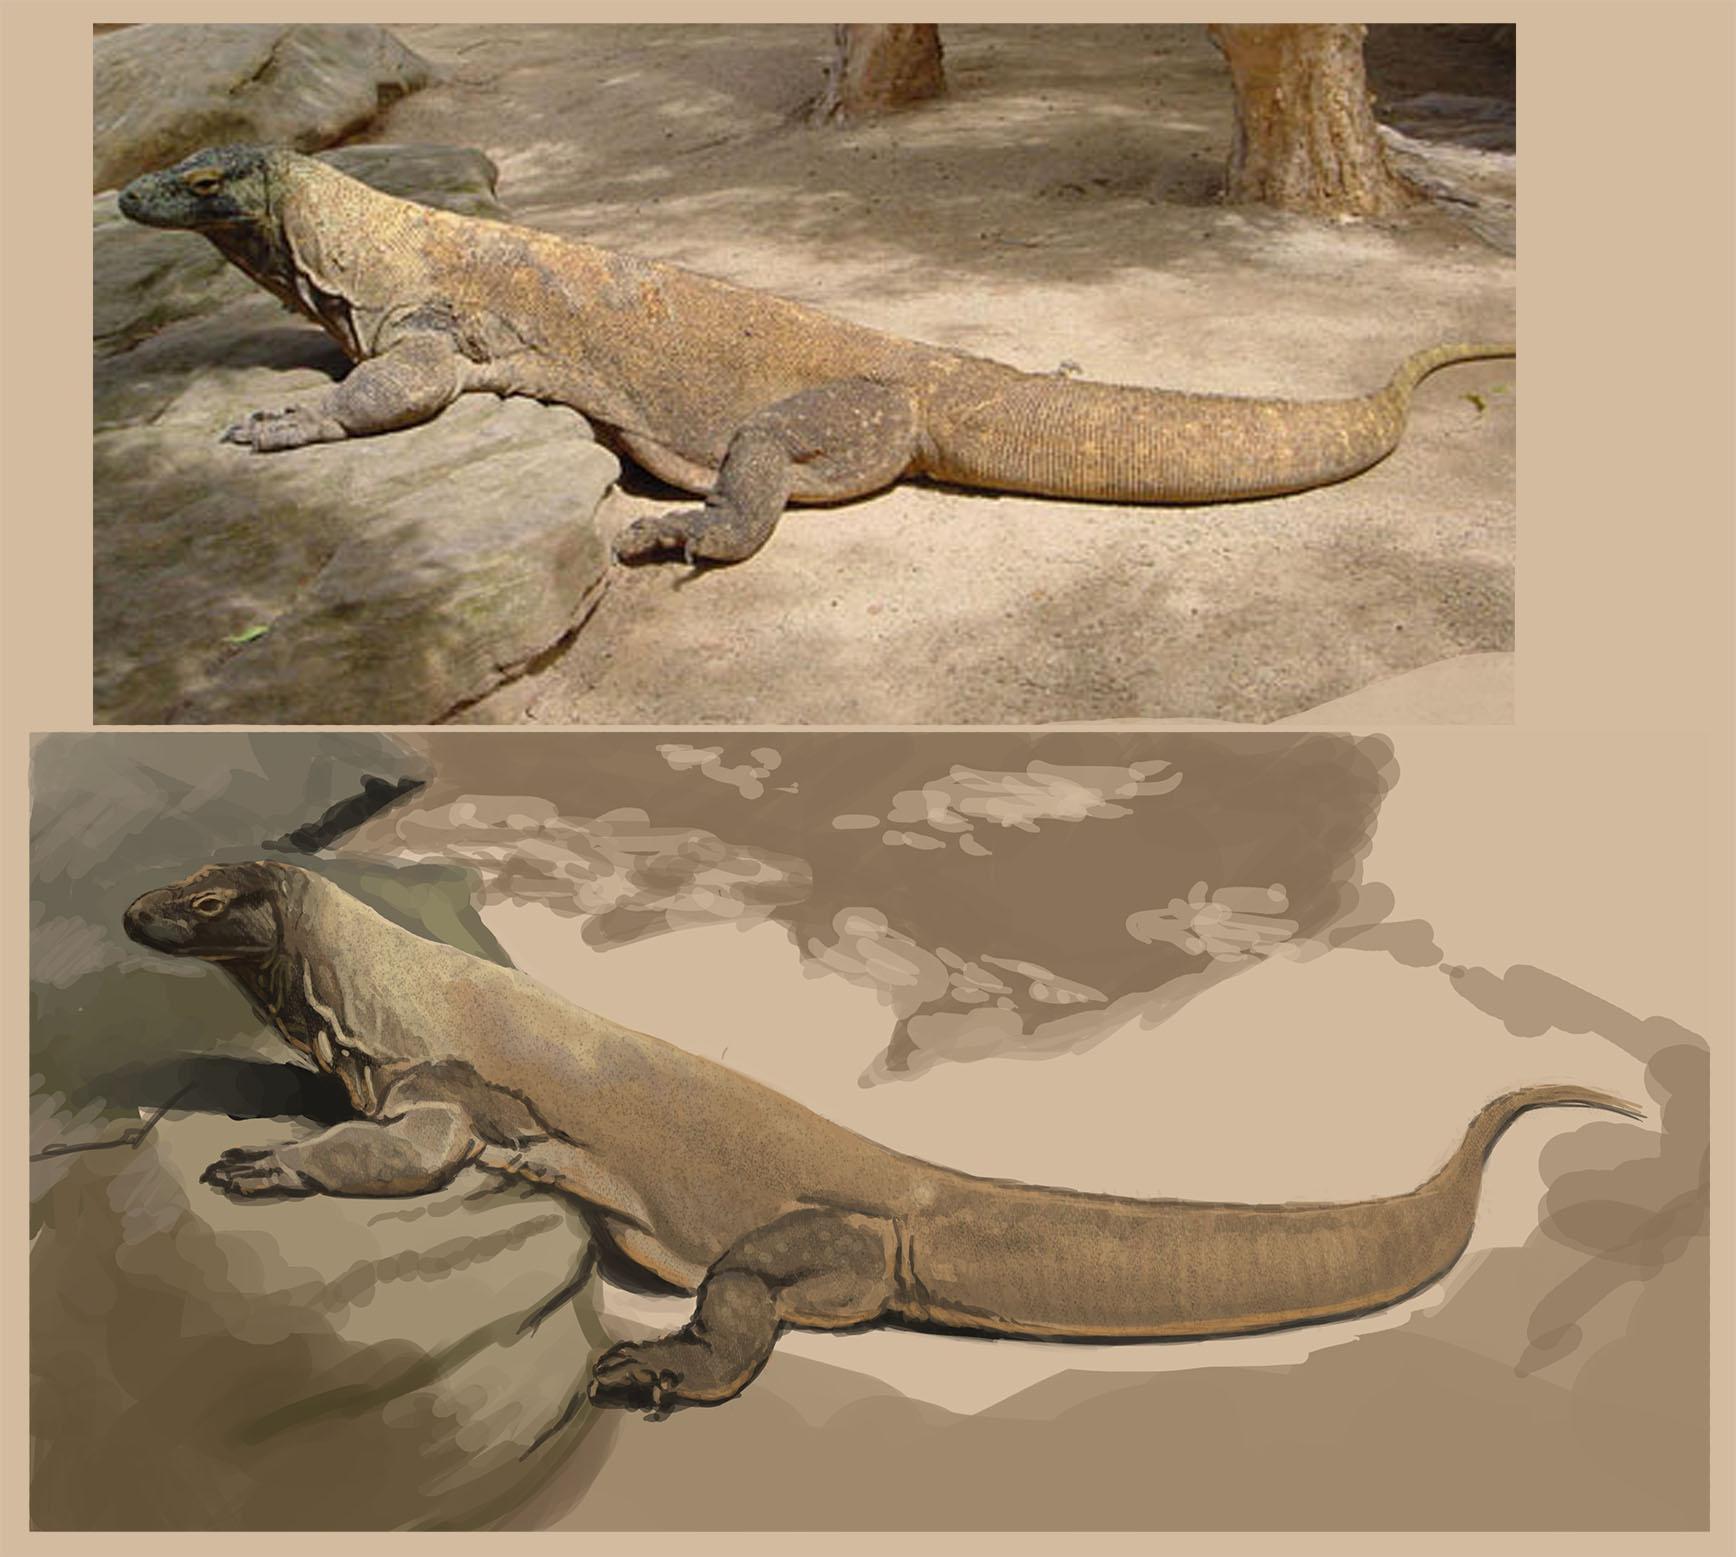 Creature design - Reptile | Skillshare Projects